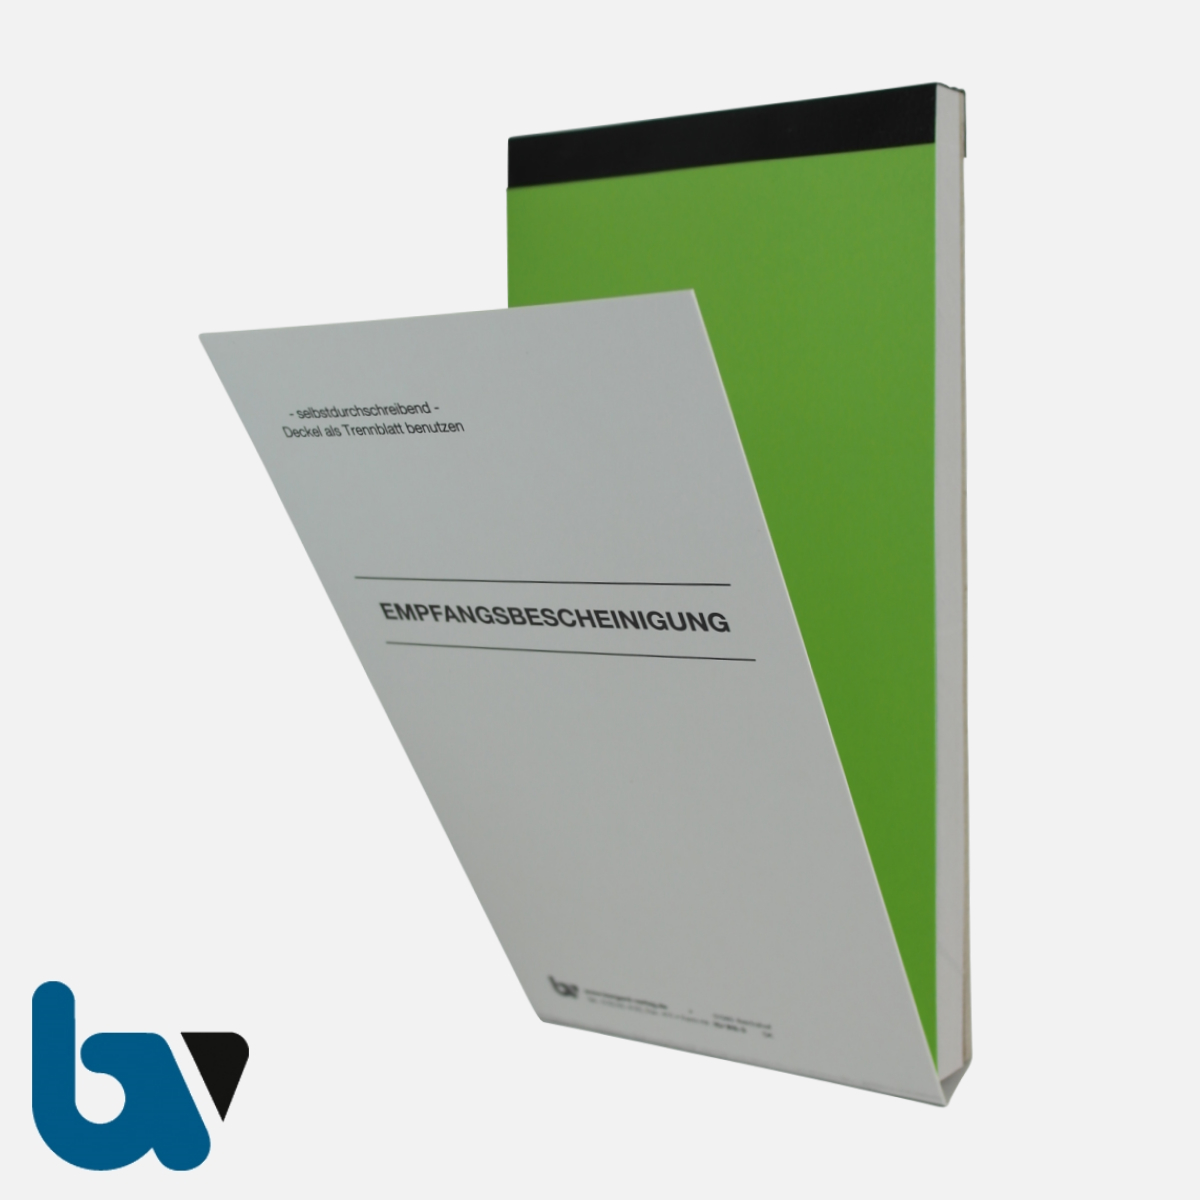 10/812-3 Quittung Empfangsbescheinigung Kasse Forderung selbstdurchschreibend 3-fach Schreibschutzdeckel Nummerierung fortlaufend DIN lang Vorderseite | Borgard Verlag GmbH